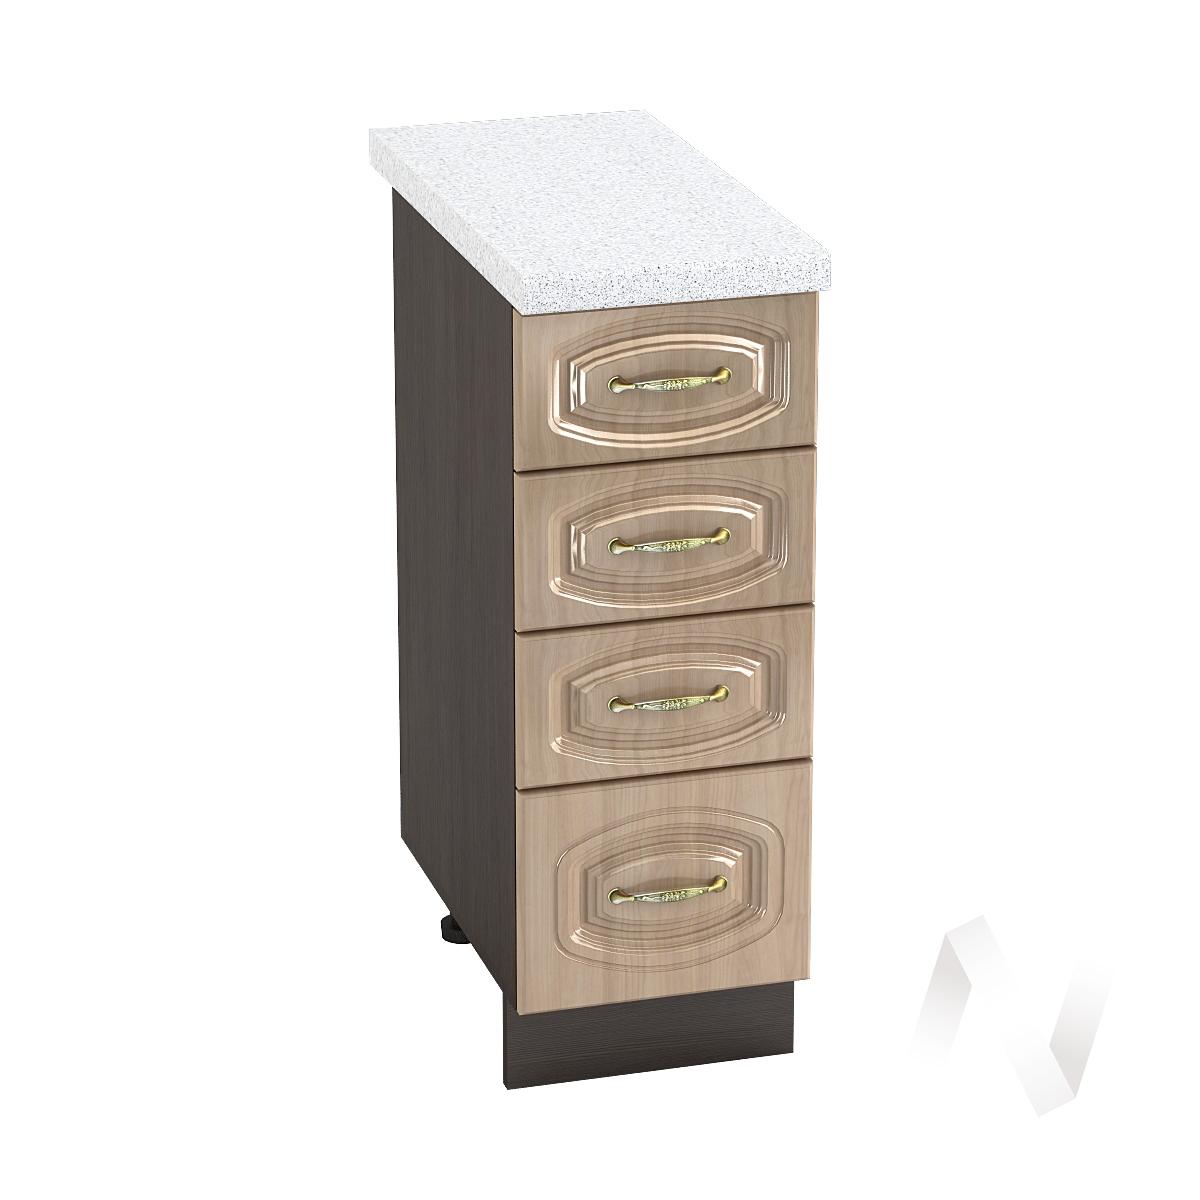 """Кухня """"Сити"""": Шкаф нижний с 4-мя ящиками 300, ШН4Я 300 (корпус венге)"""